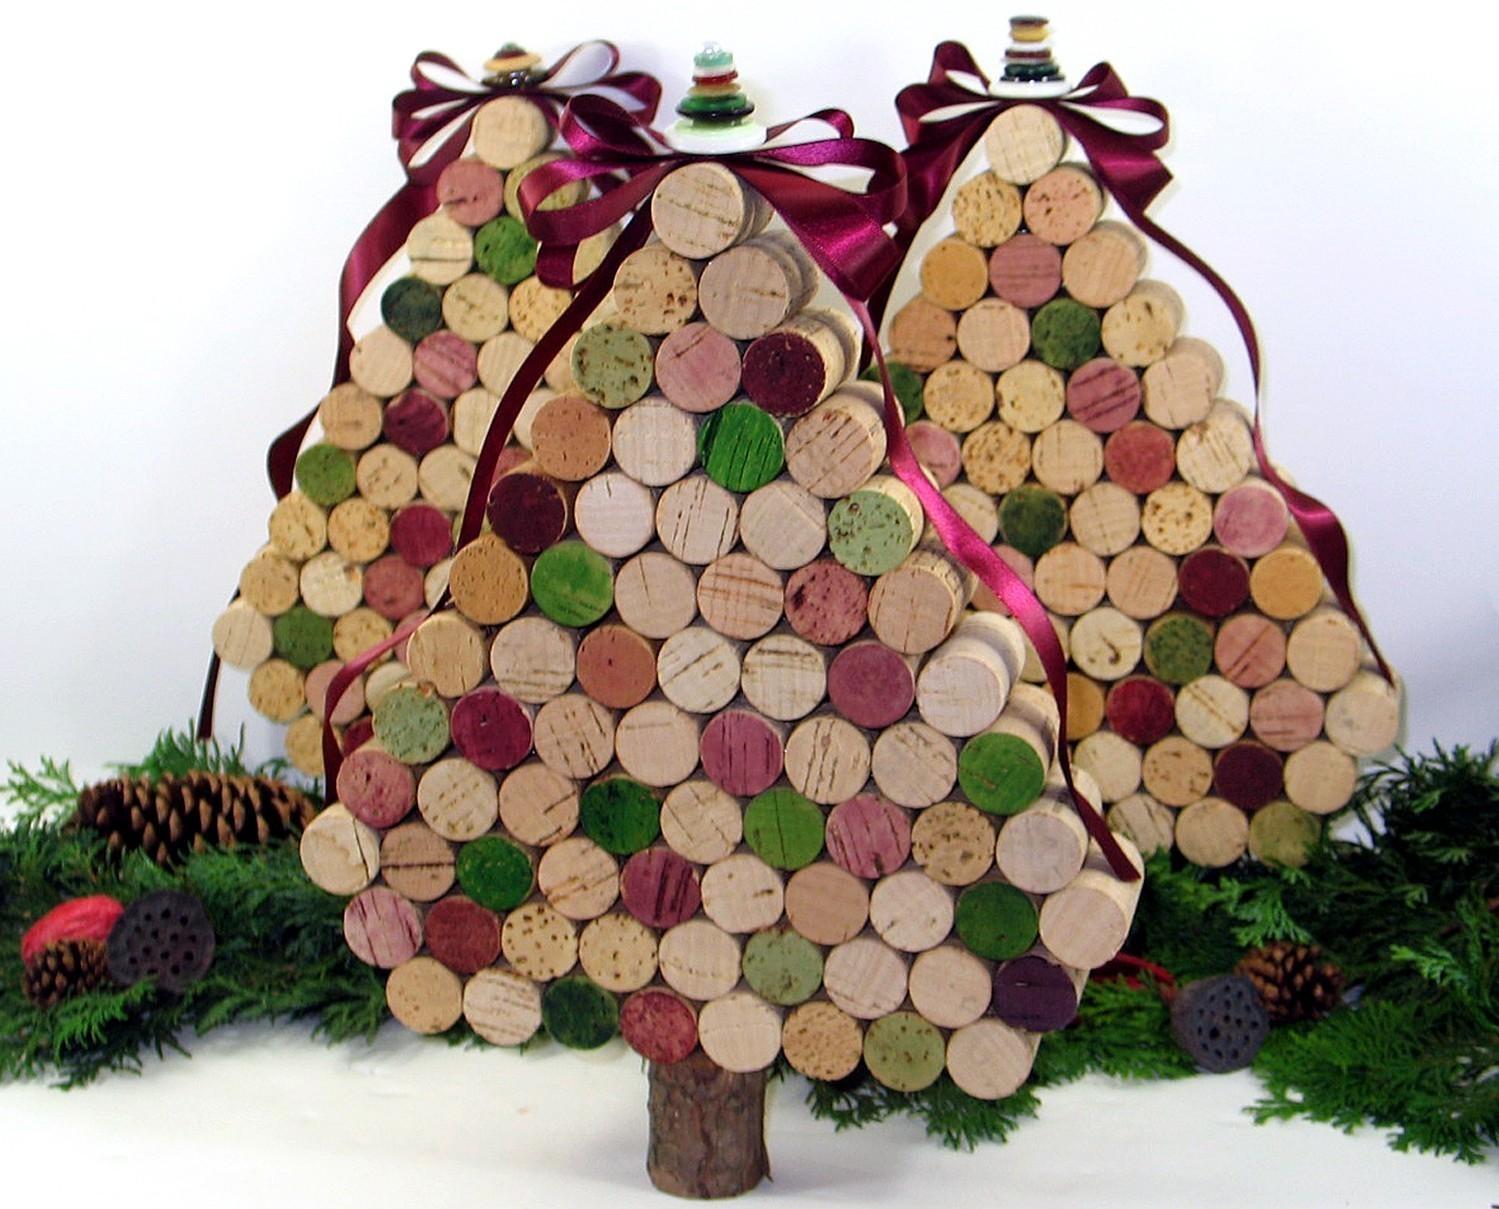 Decorazioni Per Casa Natalizie Fai Da Te : Decorazioni natalizie fai da te internocasa studio dinterni